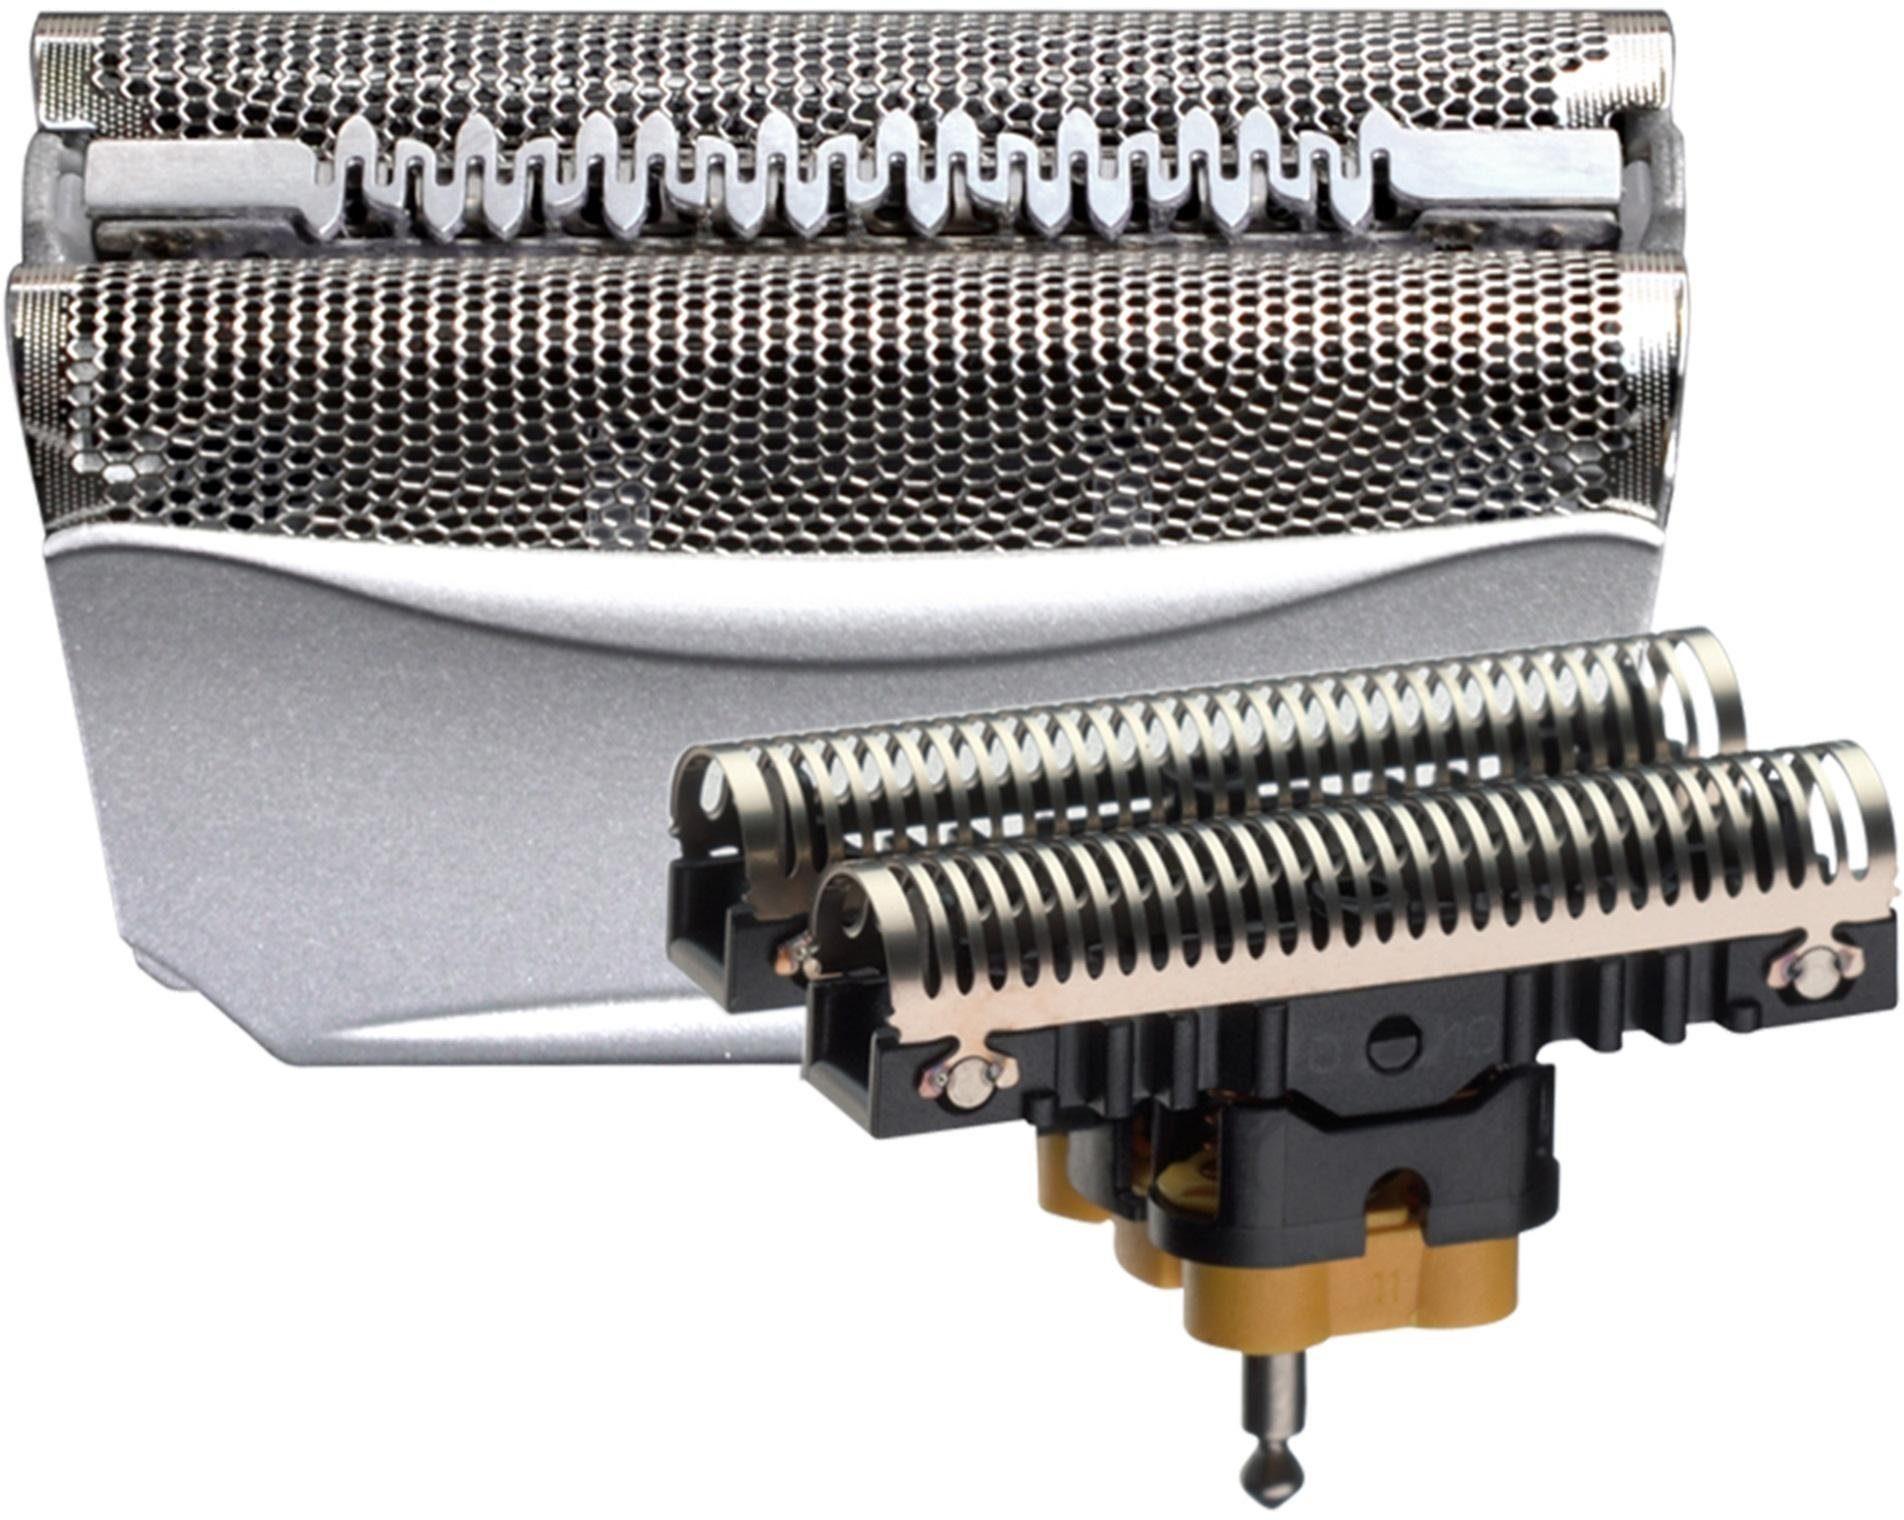 Scherfolie Scherteil 51S passend zu Braun Rasierern Waterflex Activator Complete